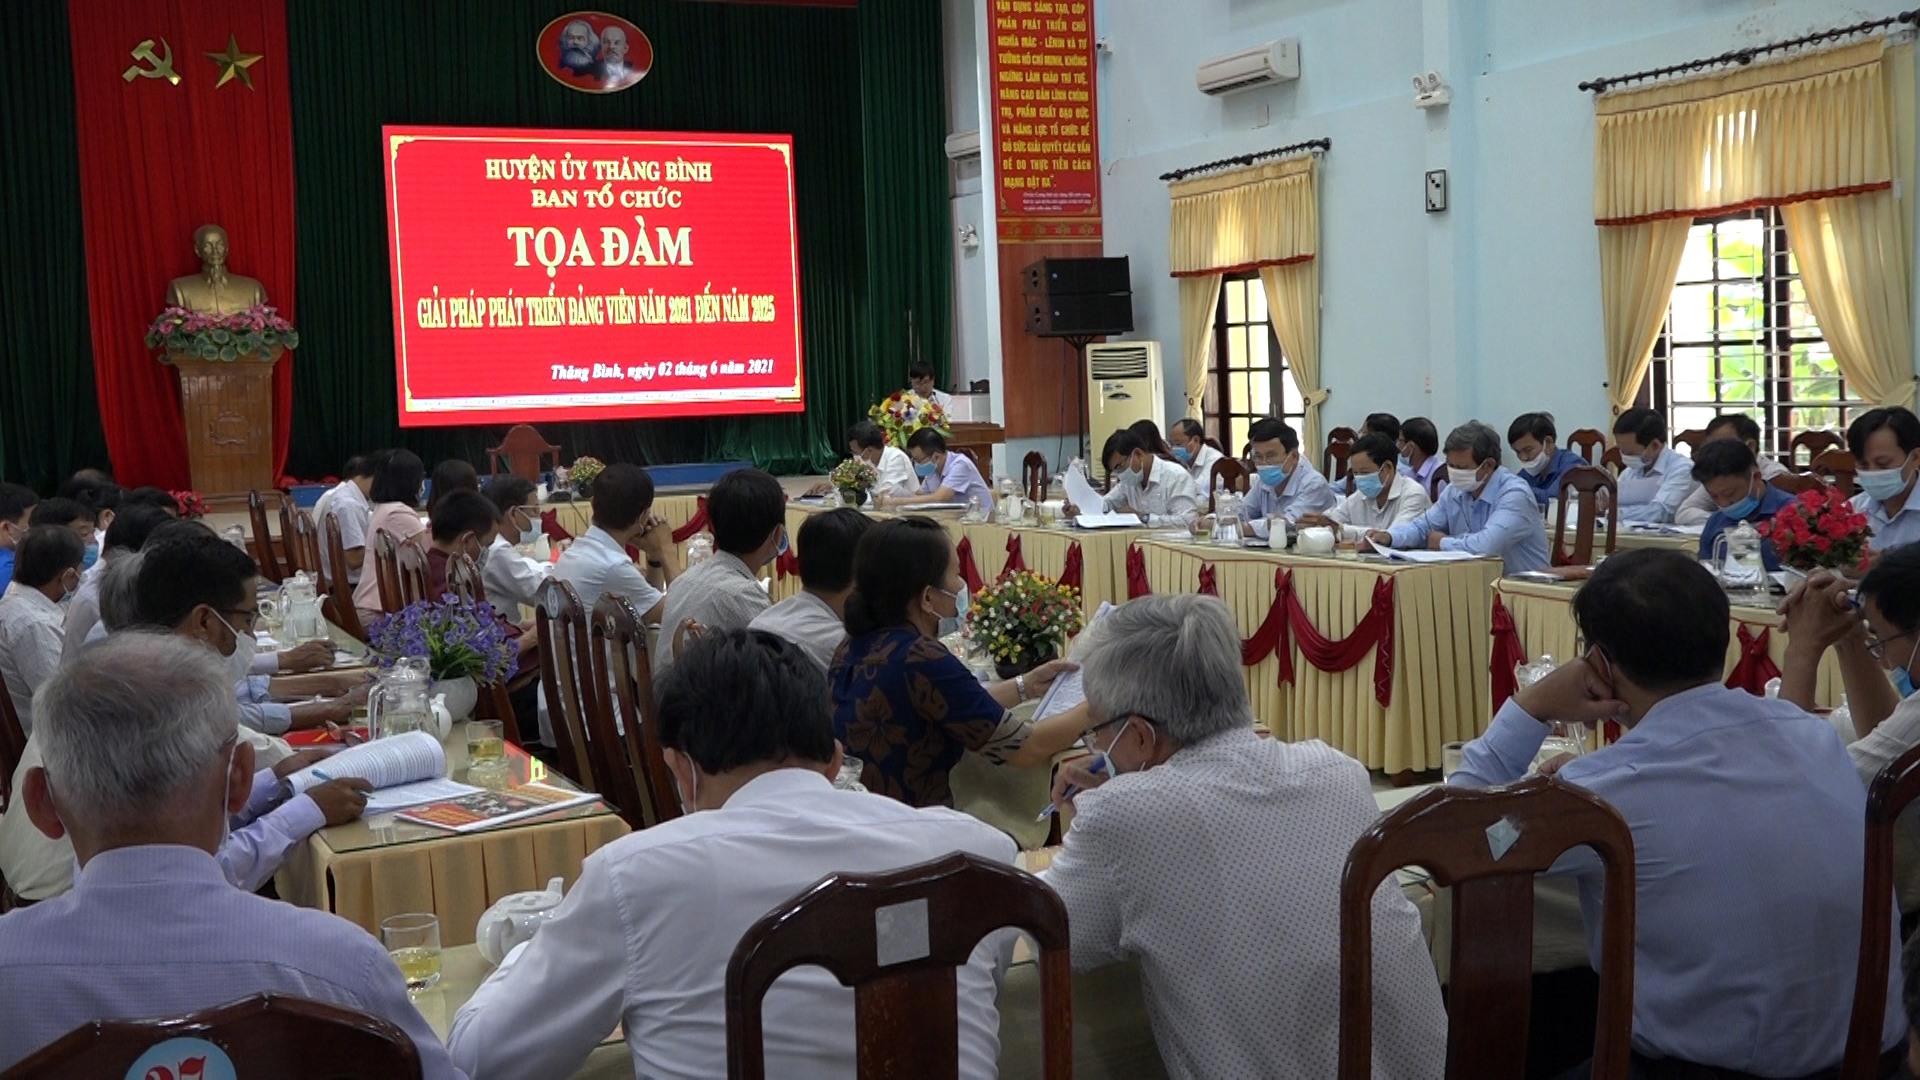 Quang cảnh buổi tọa đàm bàn giải pháp phát triển đảng viên vừa được huyện Thăng Bình tổ chức. Ảnh: MINH TÂN